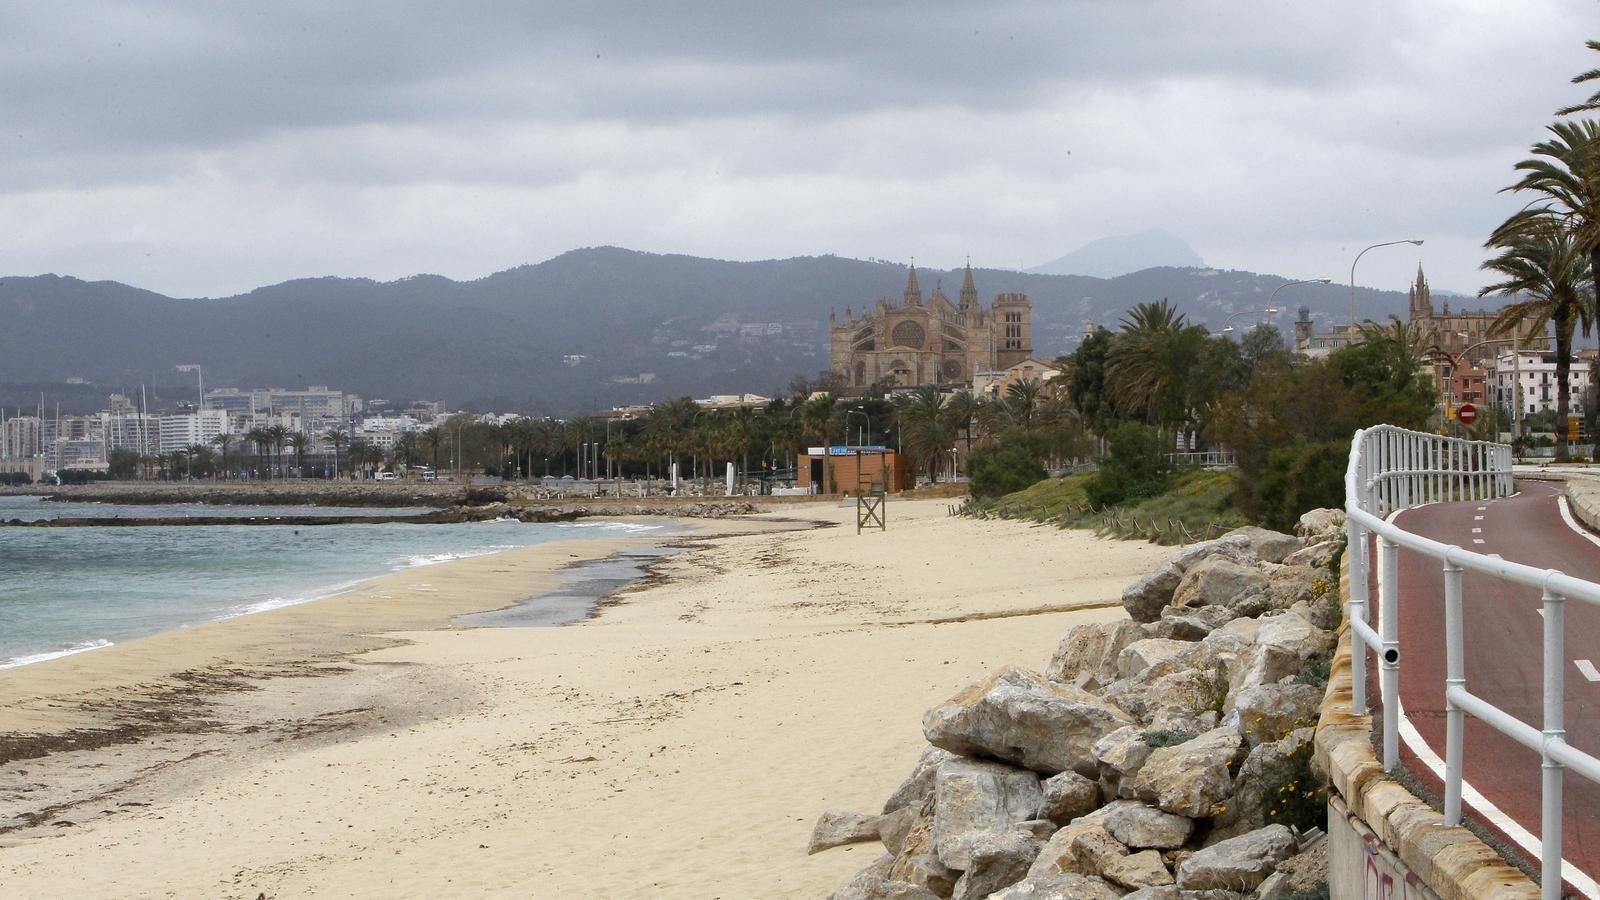 La platja de Can Pere Antoni de Palma, durant l'estat d'alarma a causa del coronavirus